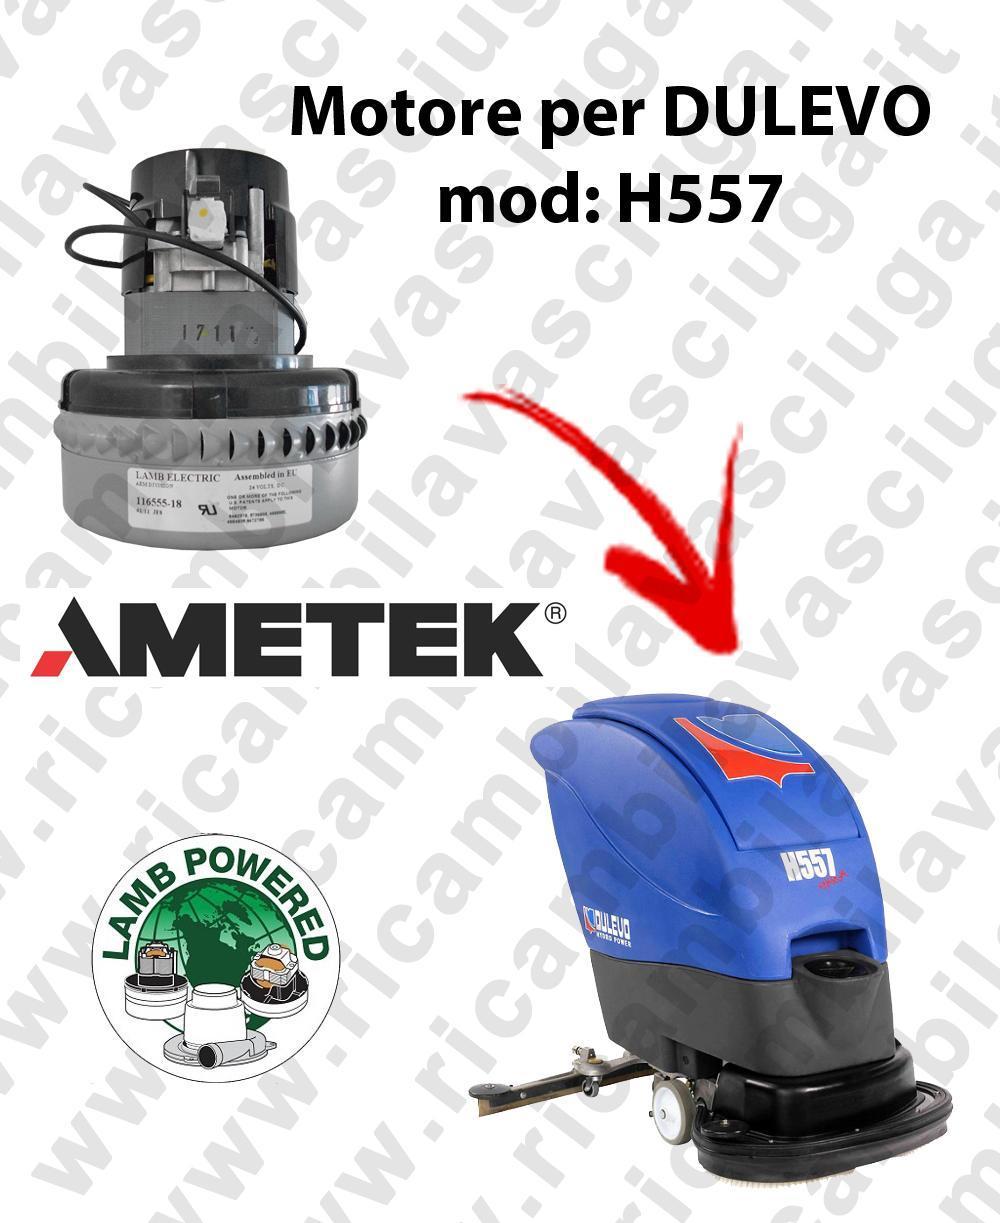 H557 MOTEUR ASPIRATION LAMB AMATEK pour autolaveuses DULEVO